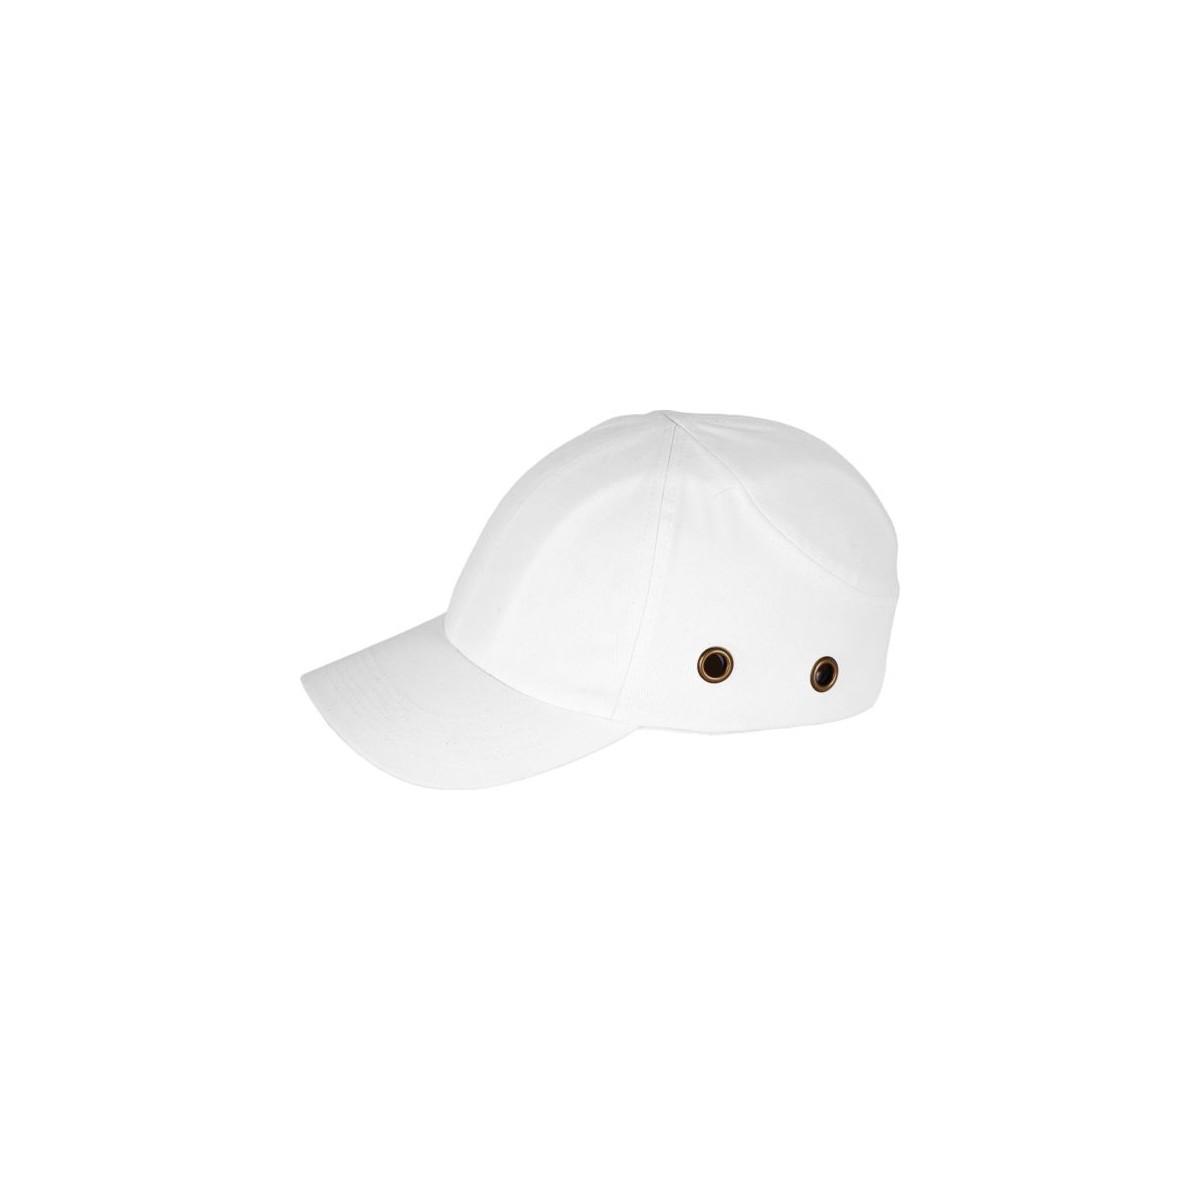 Lekki hełm przemysłowy REIS BUMPCAP W biały r. 54-59